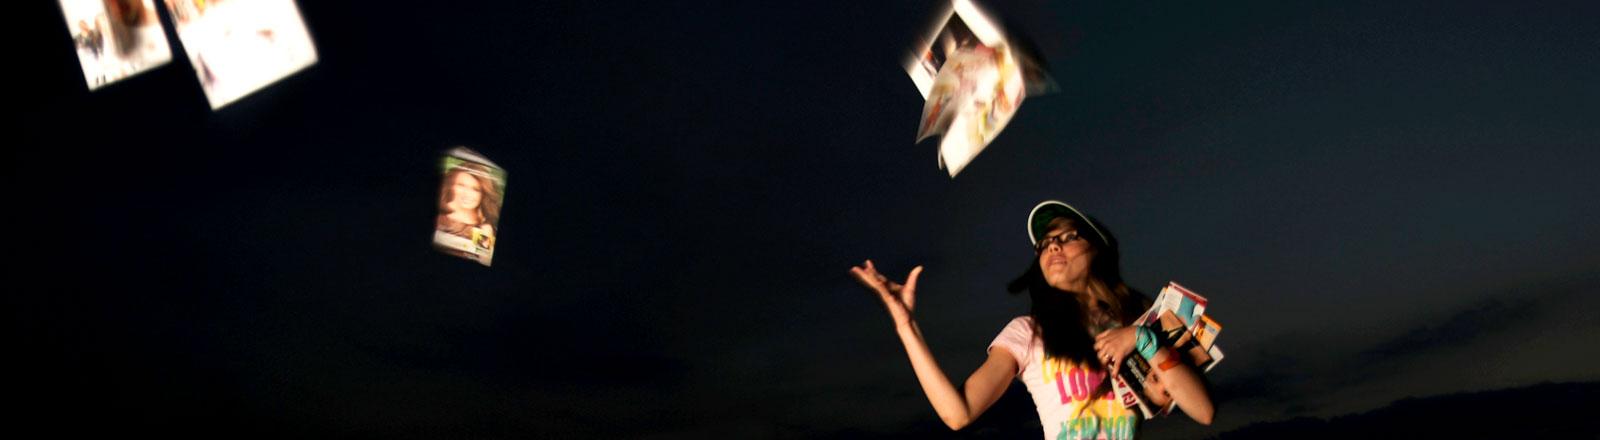 Eine junge Frau wirft Bücher in die Luft